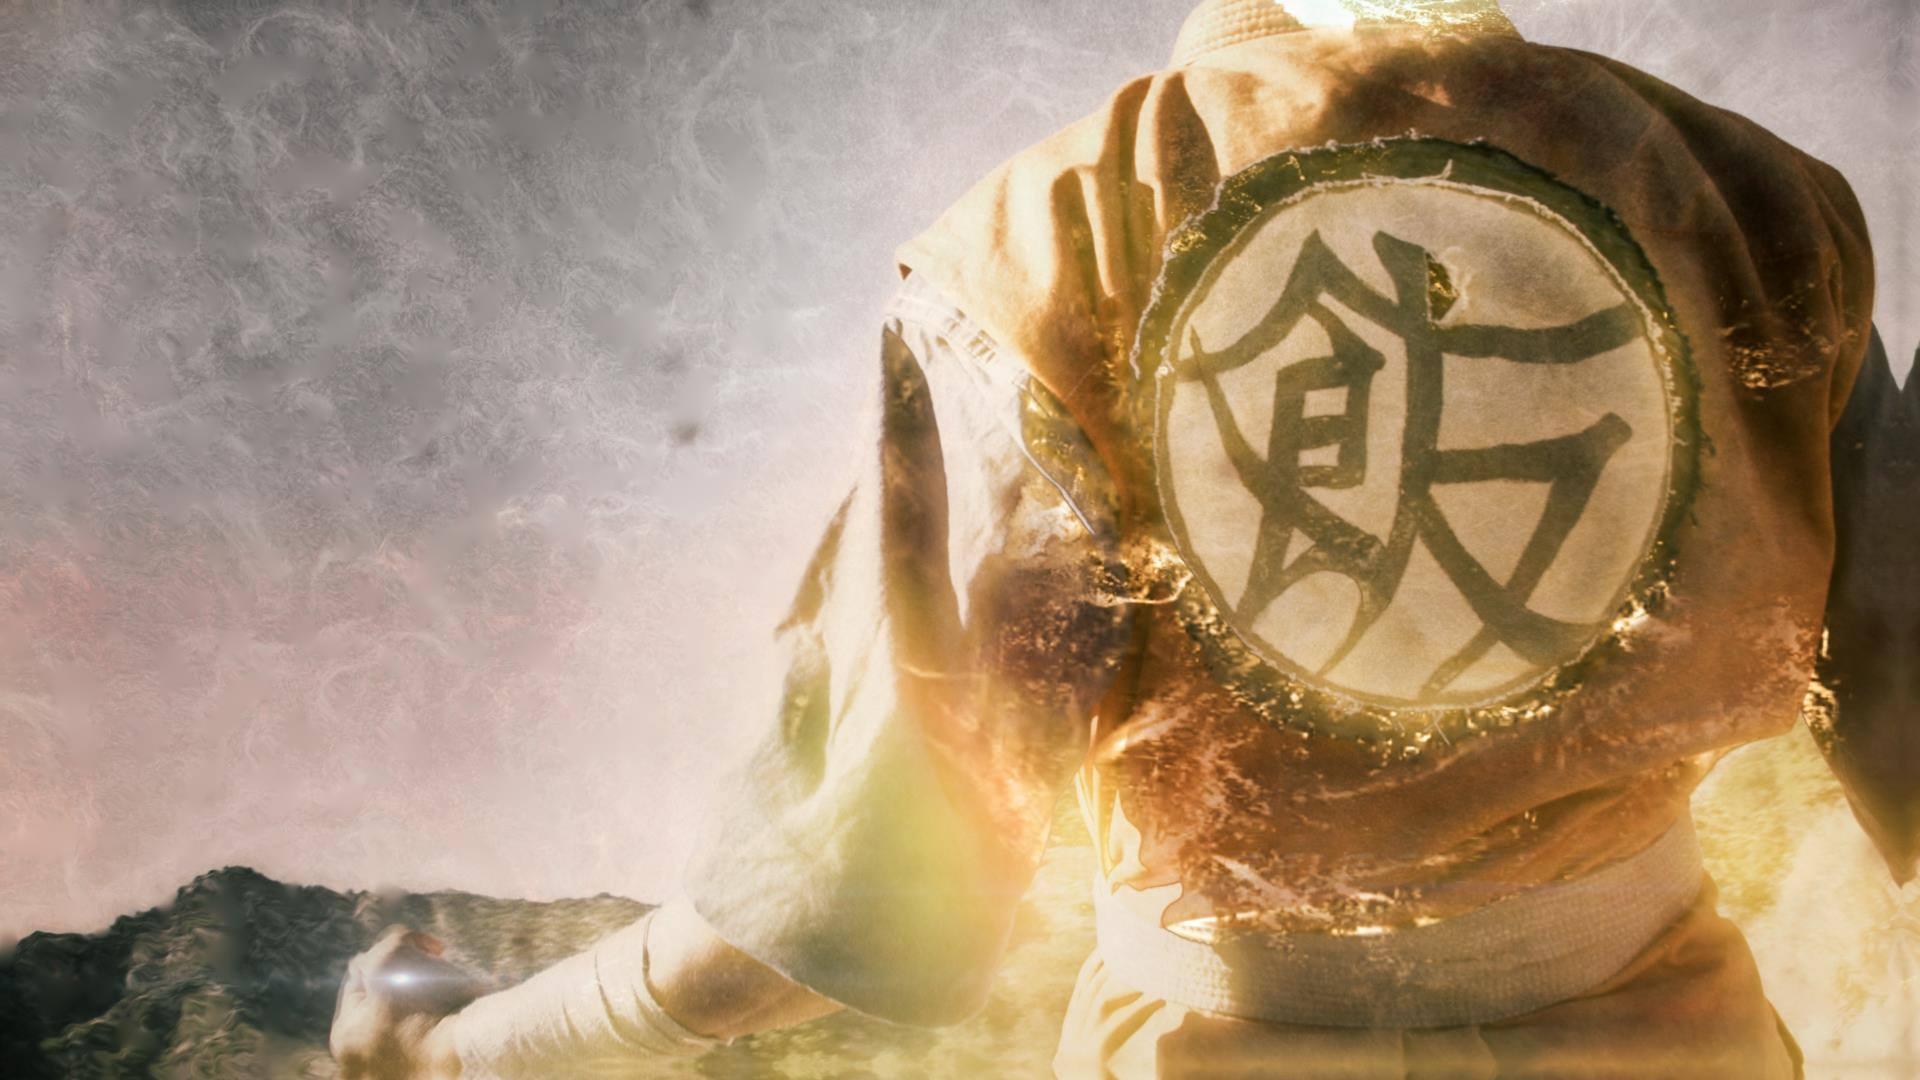 Dragon Ball Z: Light of Hope już do obejrzenia na YouTube. Wyszło… rewelacyjnie!